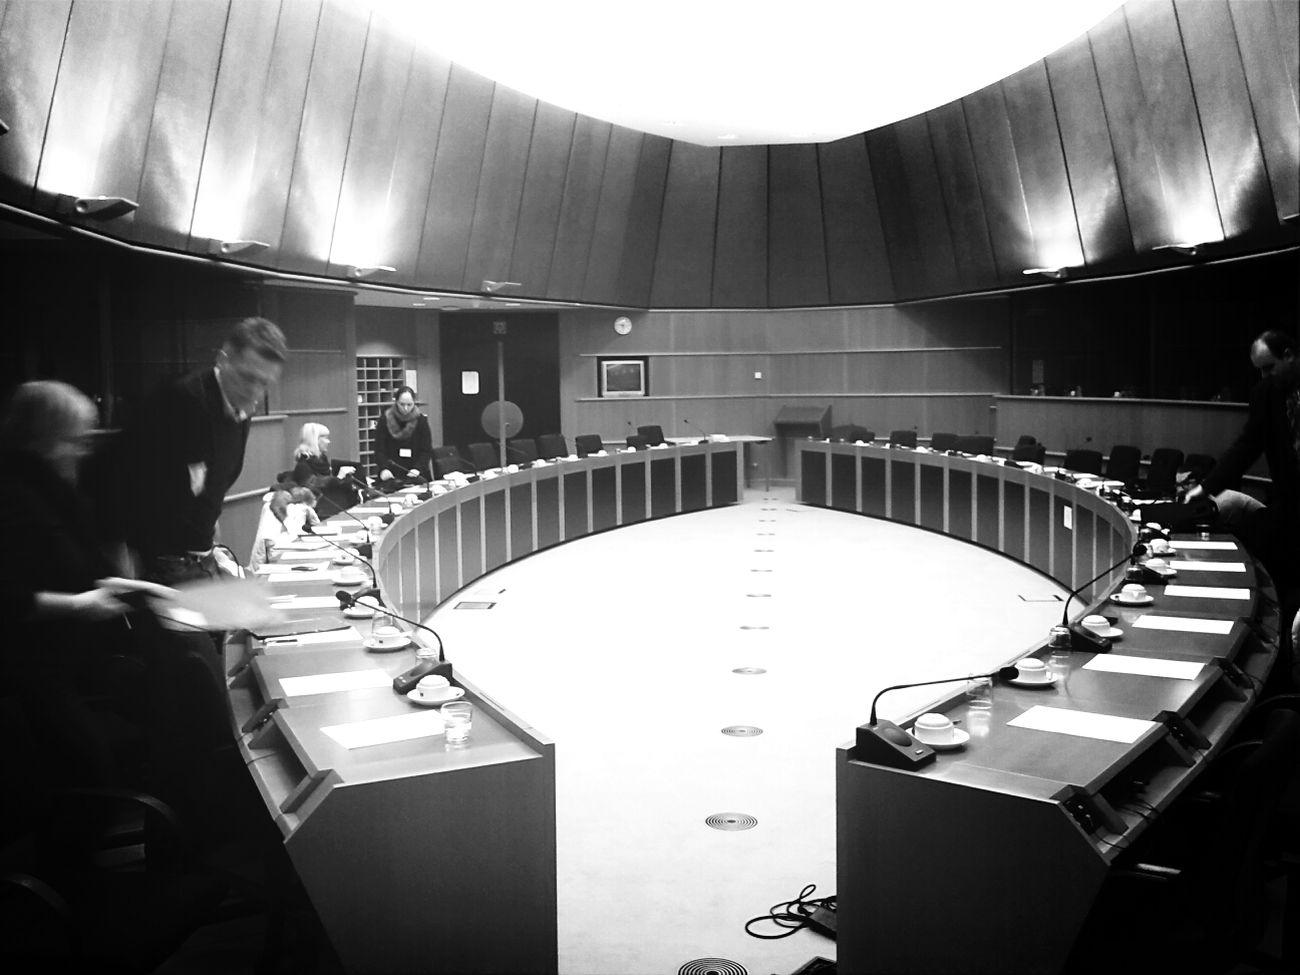 Einer von unzähligen Sitzungssäälen im Europäischesparlament Brussel